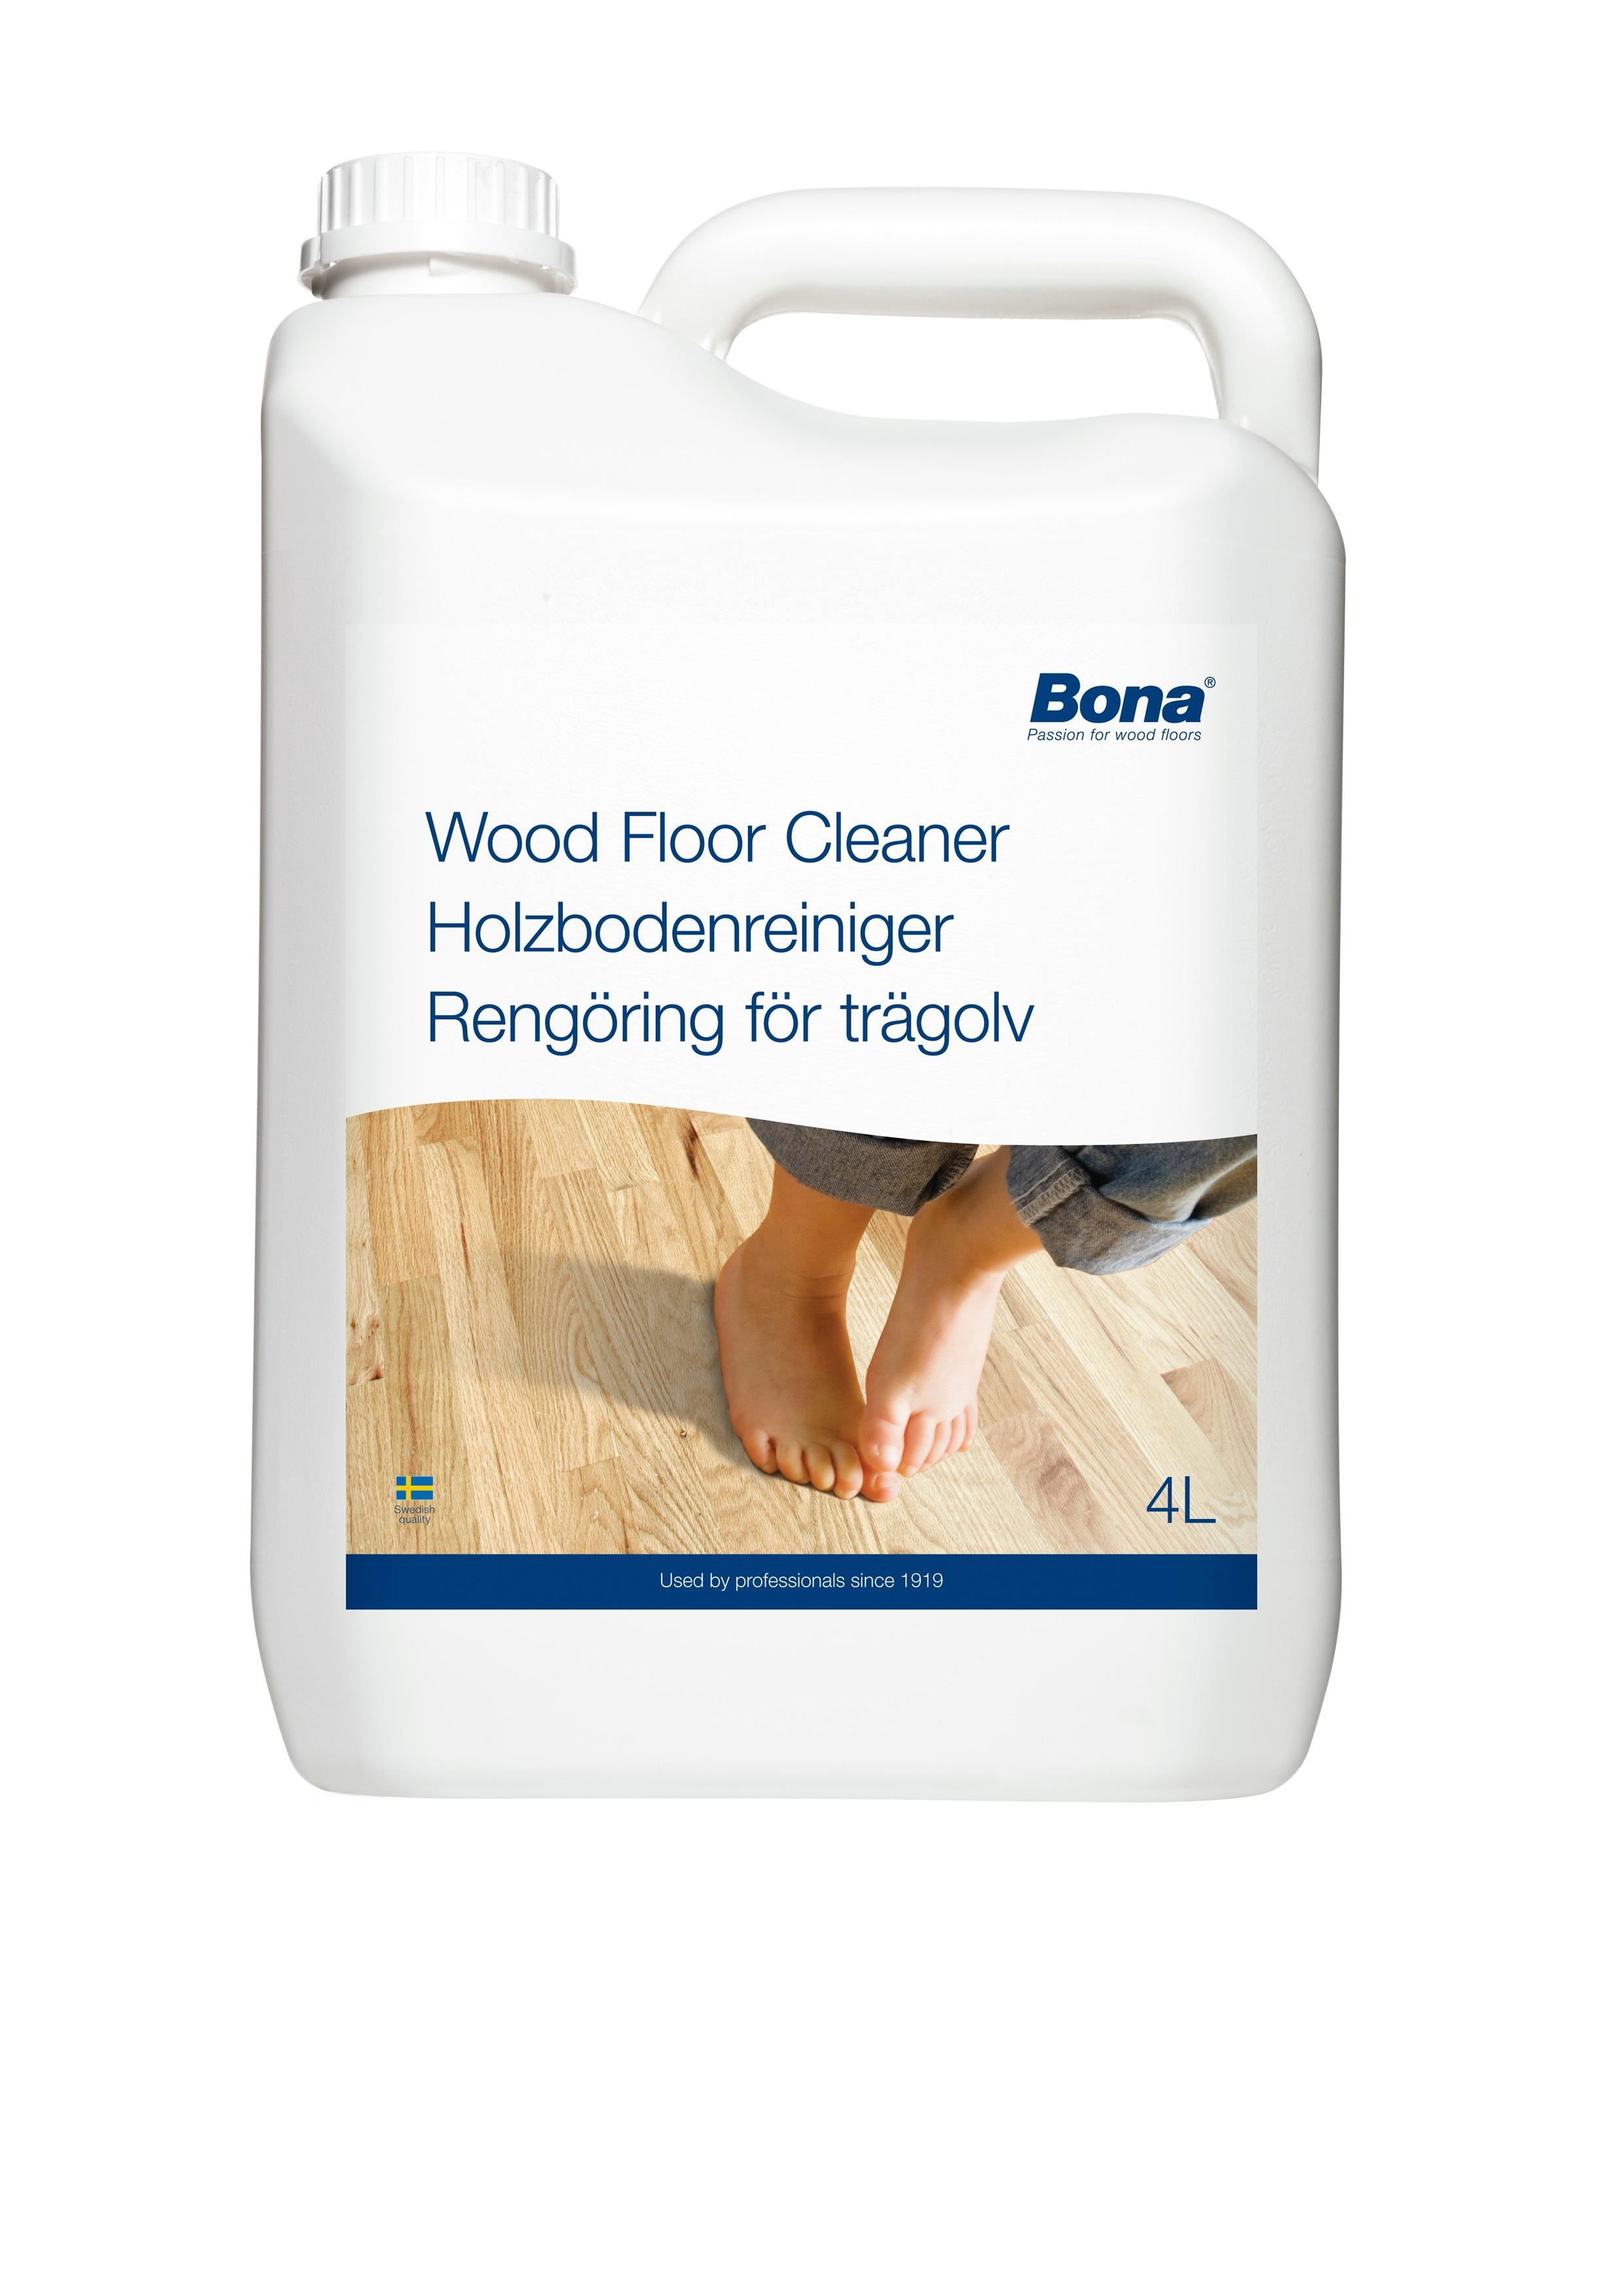 Bona Hardwood Floor Cleaner Bamboo Gurus Floor